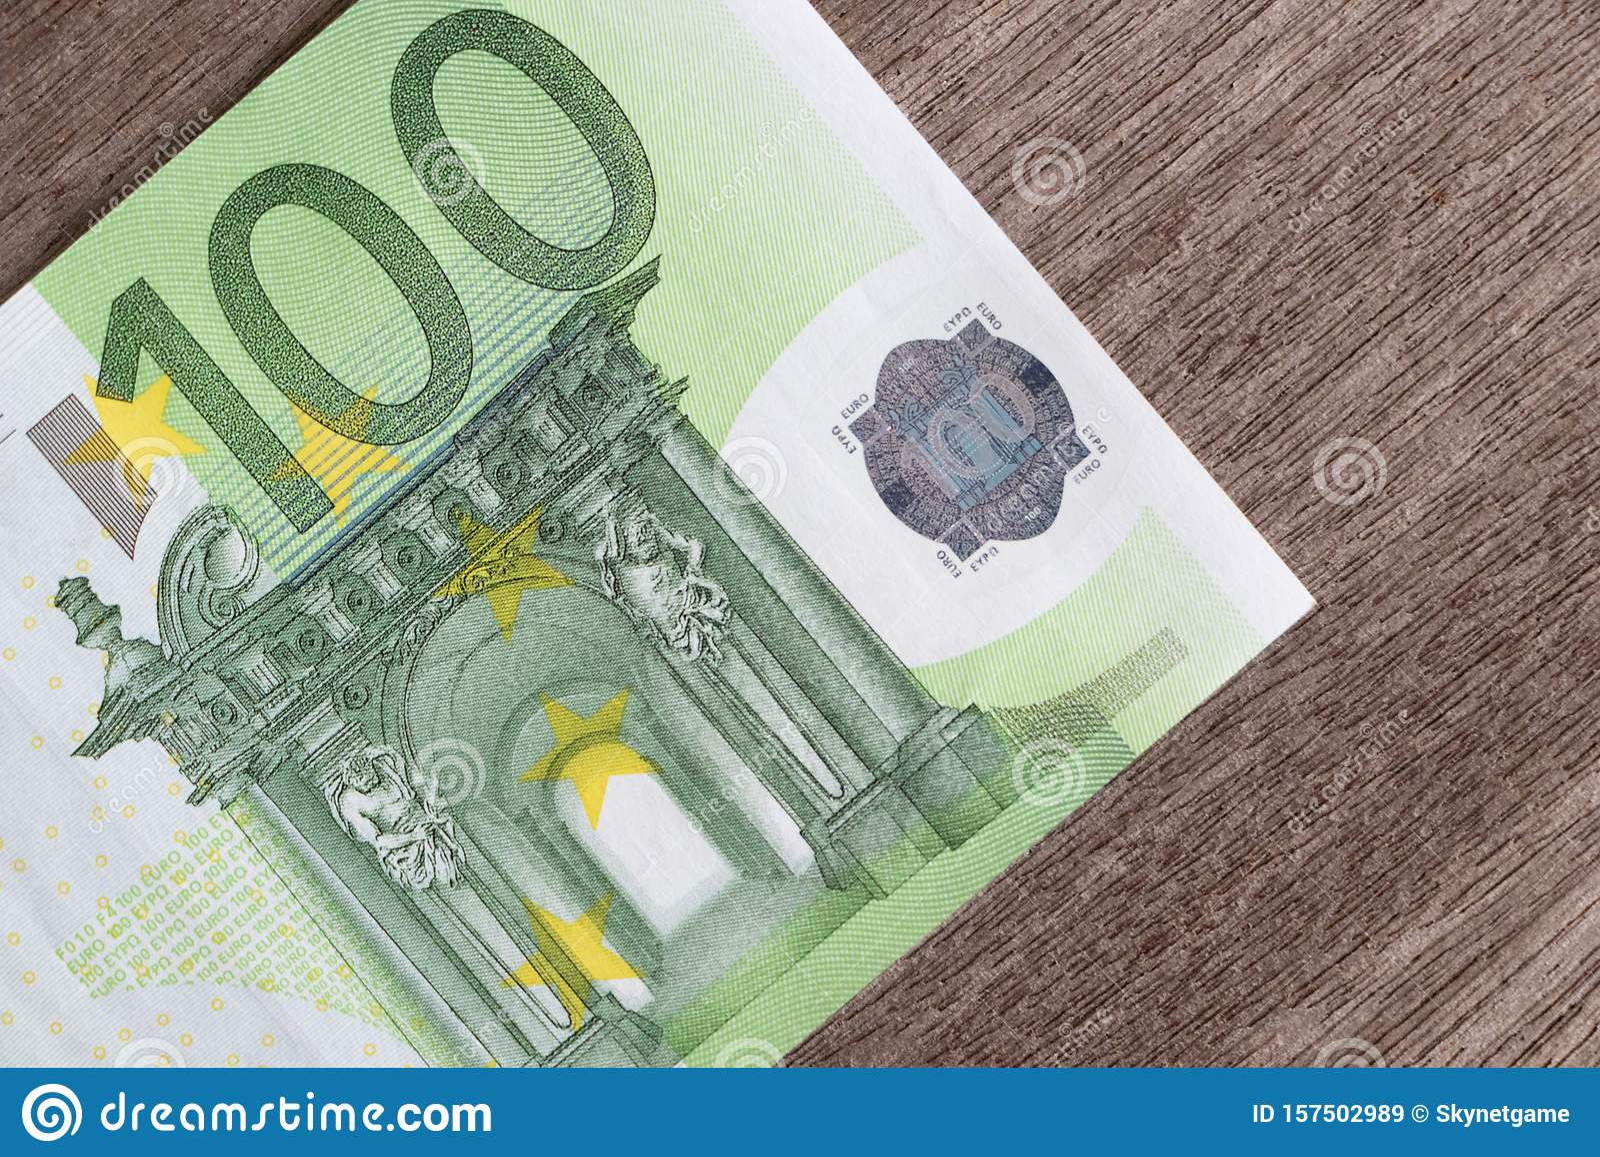 forex money exchange espoo